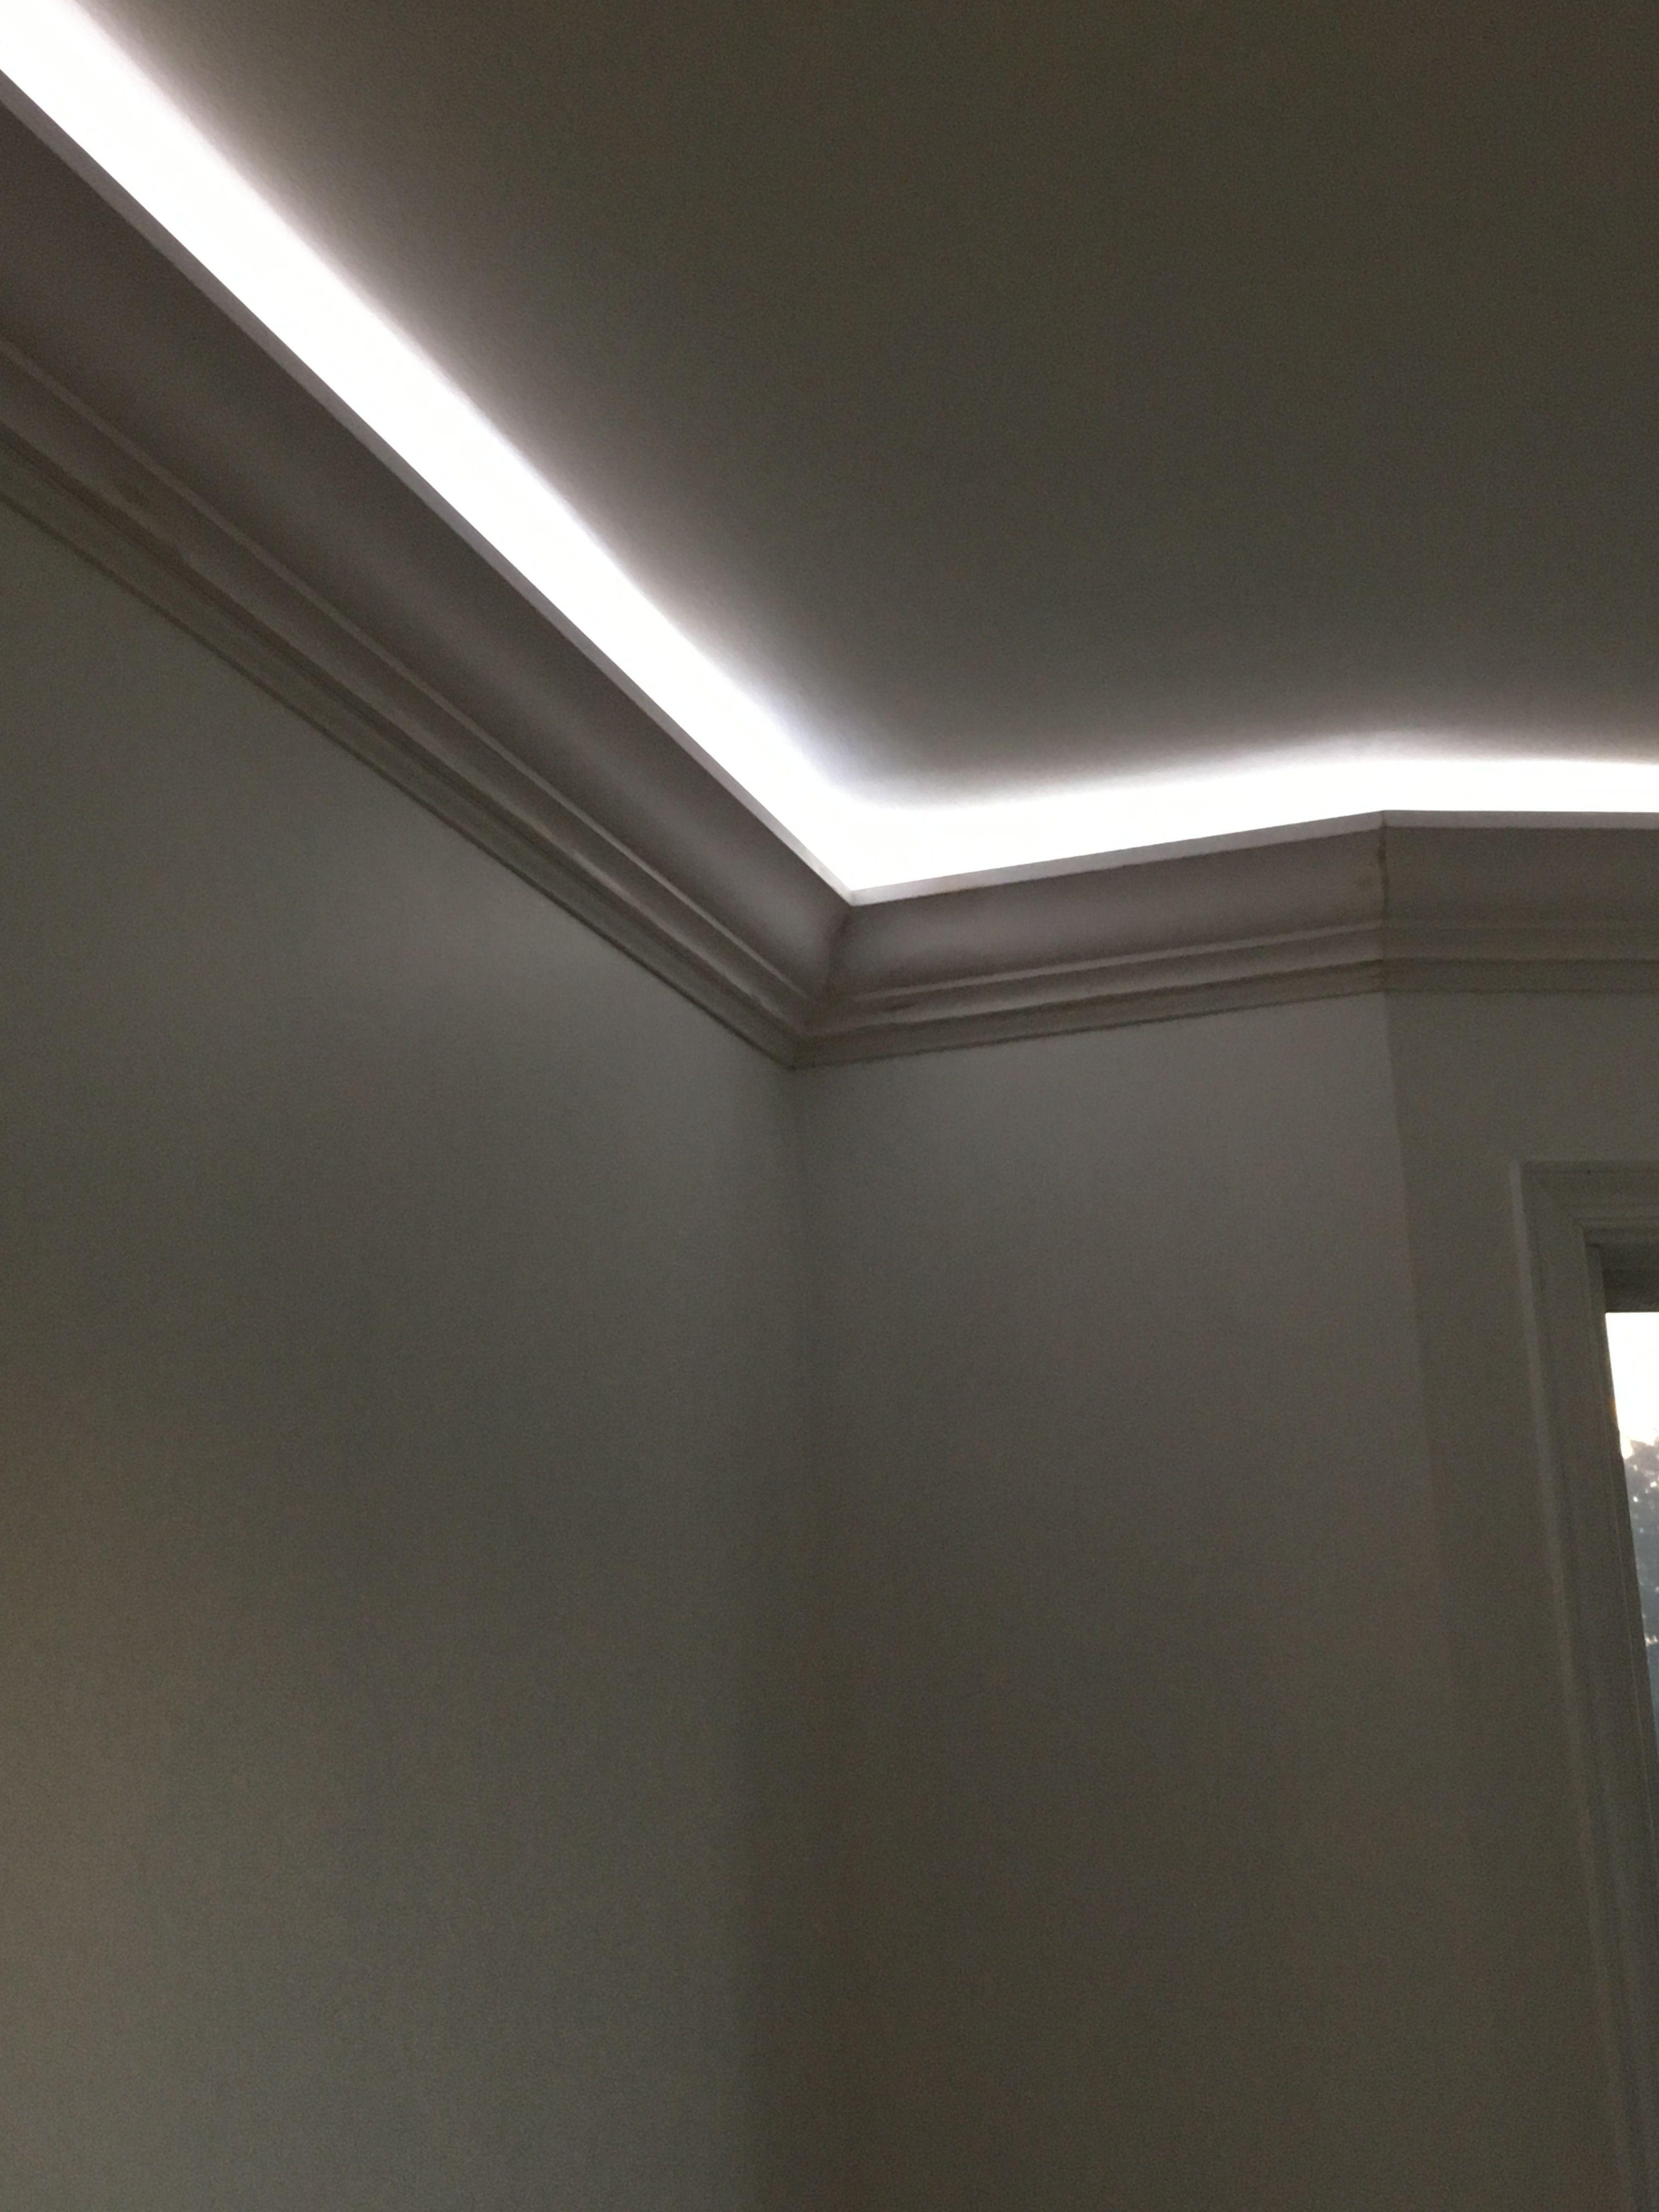 Rope Lighting Behind 5 Crown Molding Bedroom Ceiling Light Ceiling Crown Molding Wall Lights Bedroom